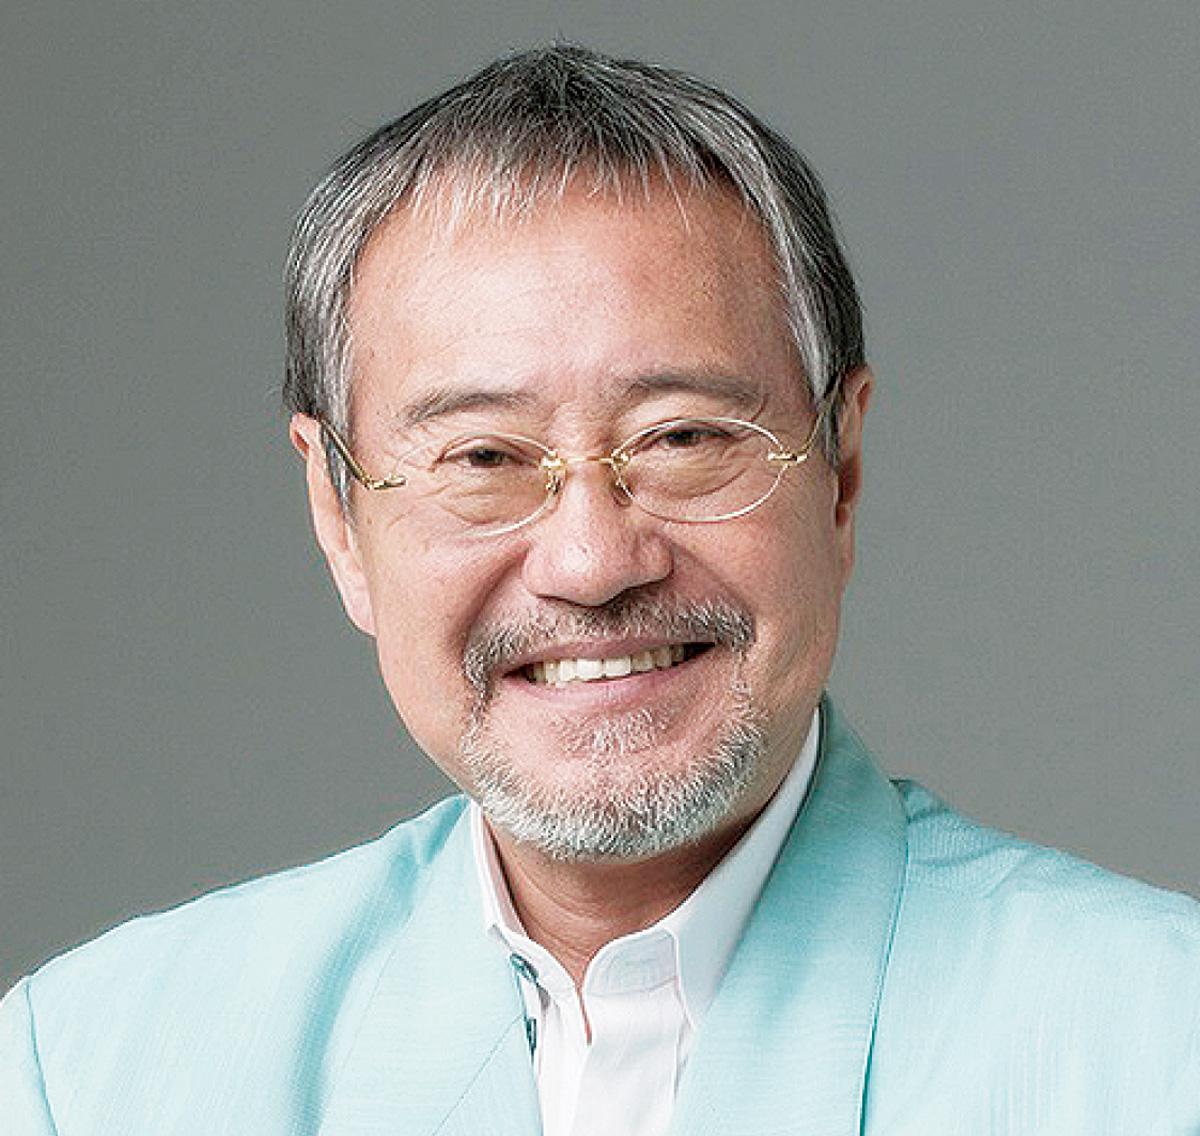 吉幾三コンサート 神奈川県民ホール 各5組10人を招待